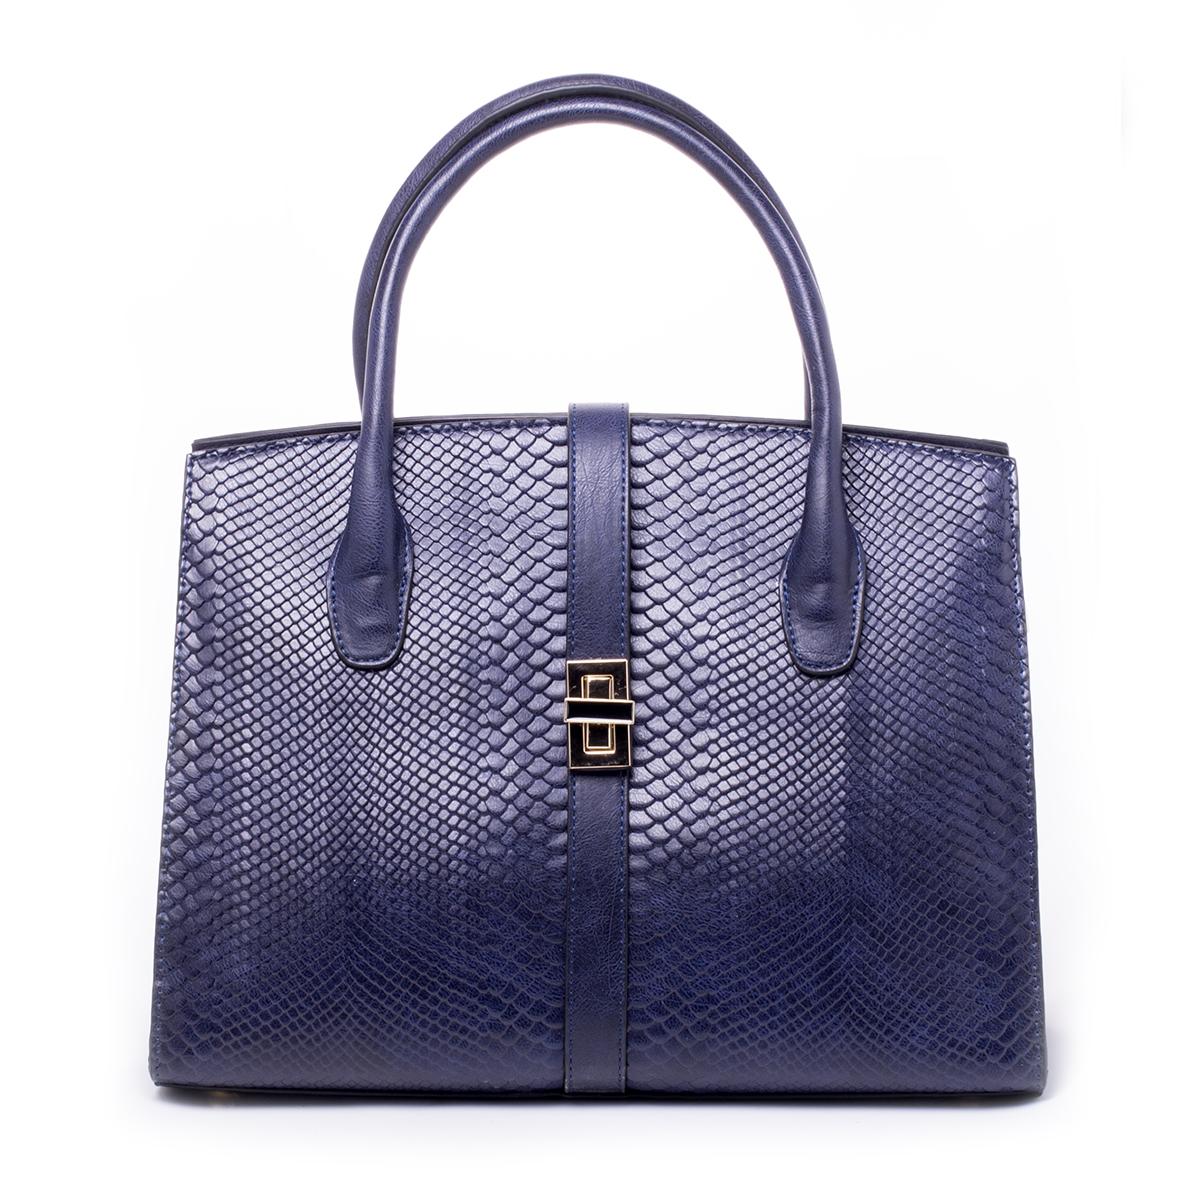 Сумка женская Baggini, цвет: синий. 29821/4329821/43Загрязнения на изделиях удаляется влажной мягкой тканью